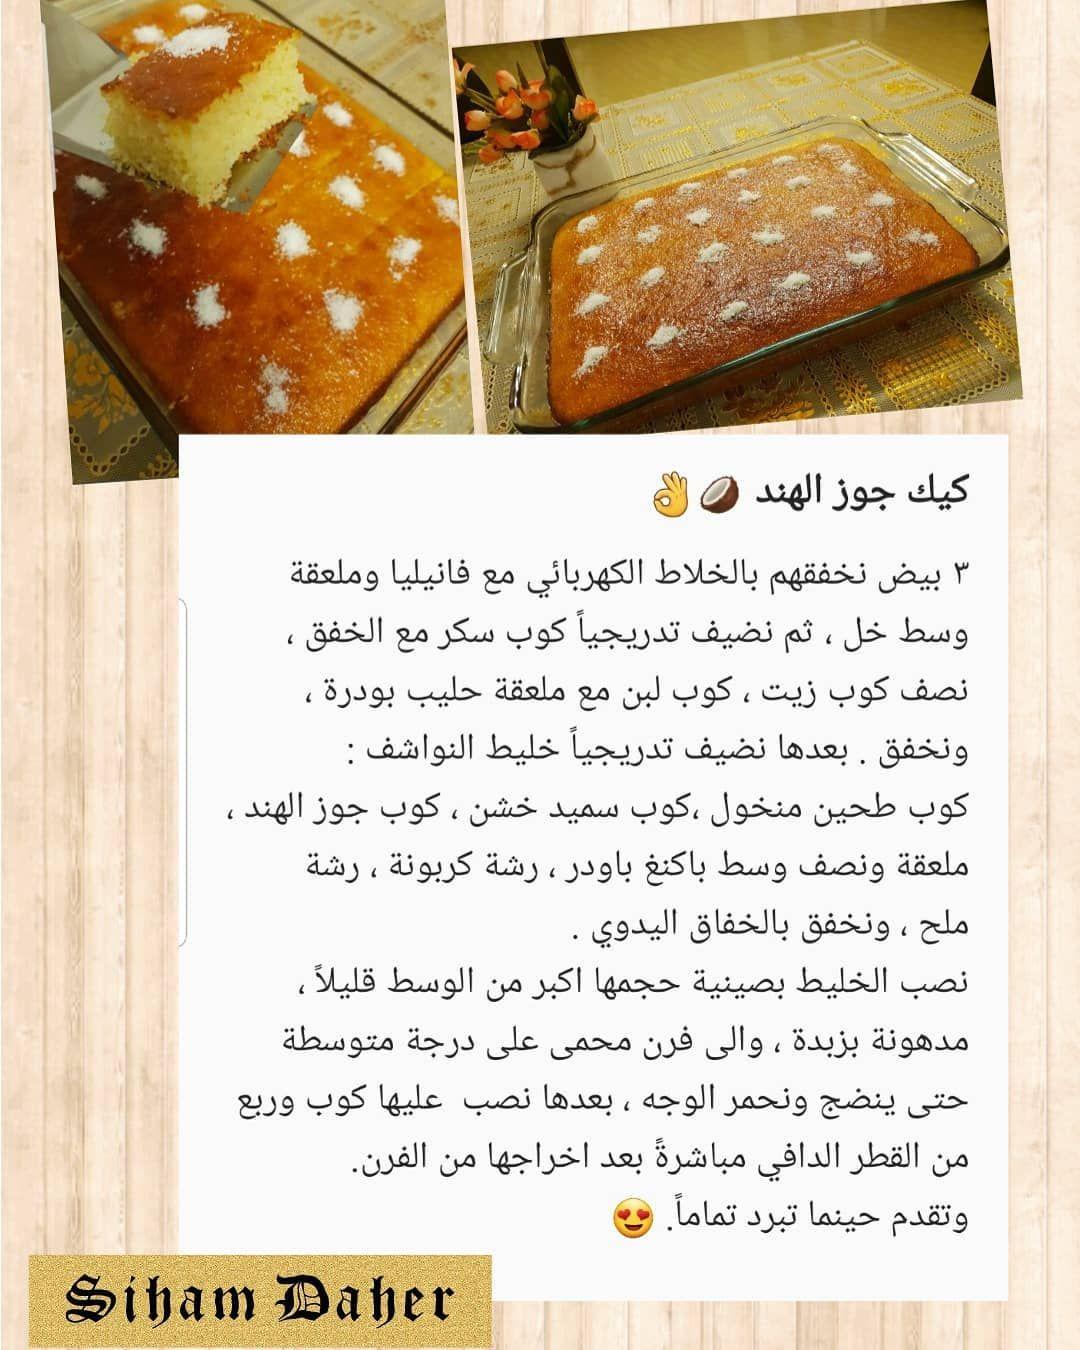 Home Food Style On Instagram طريقة عمل كيك جوز الهند كيك جوزالهند كيك جوزالهند ولااطيب حلويات منزلية حلوياتي وصفات سه In 2021 Dessert Recipes Desserts Recipes